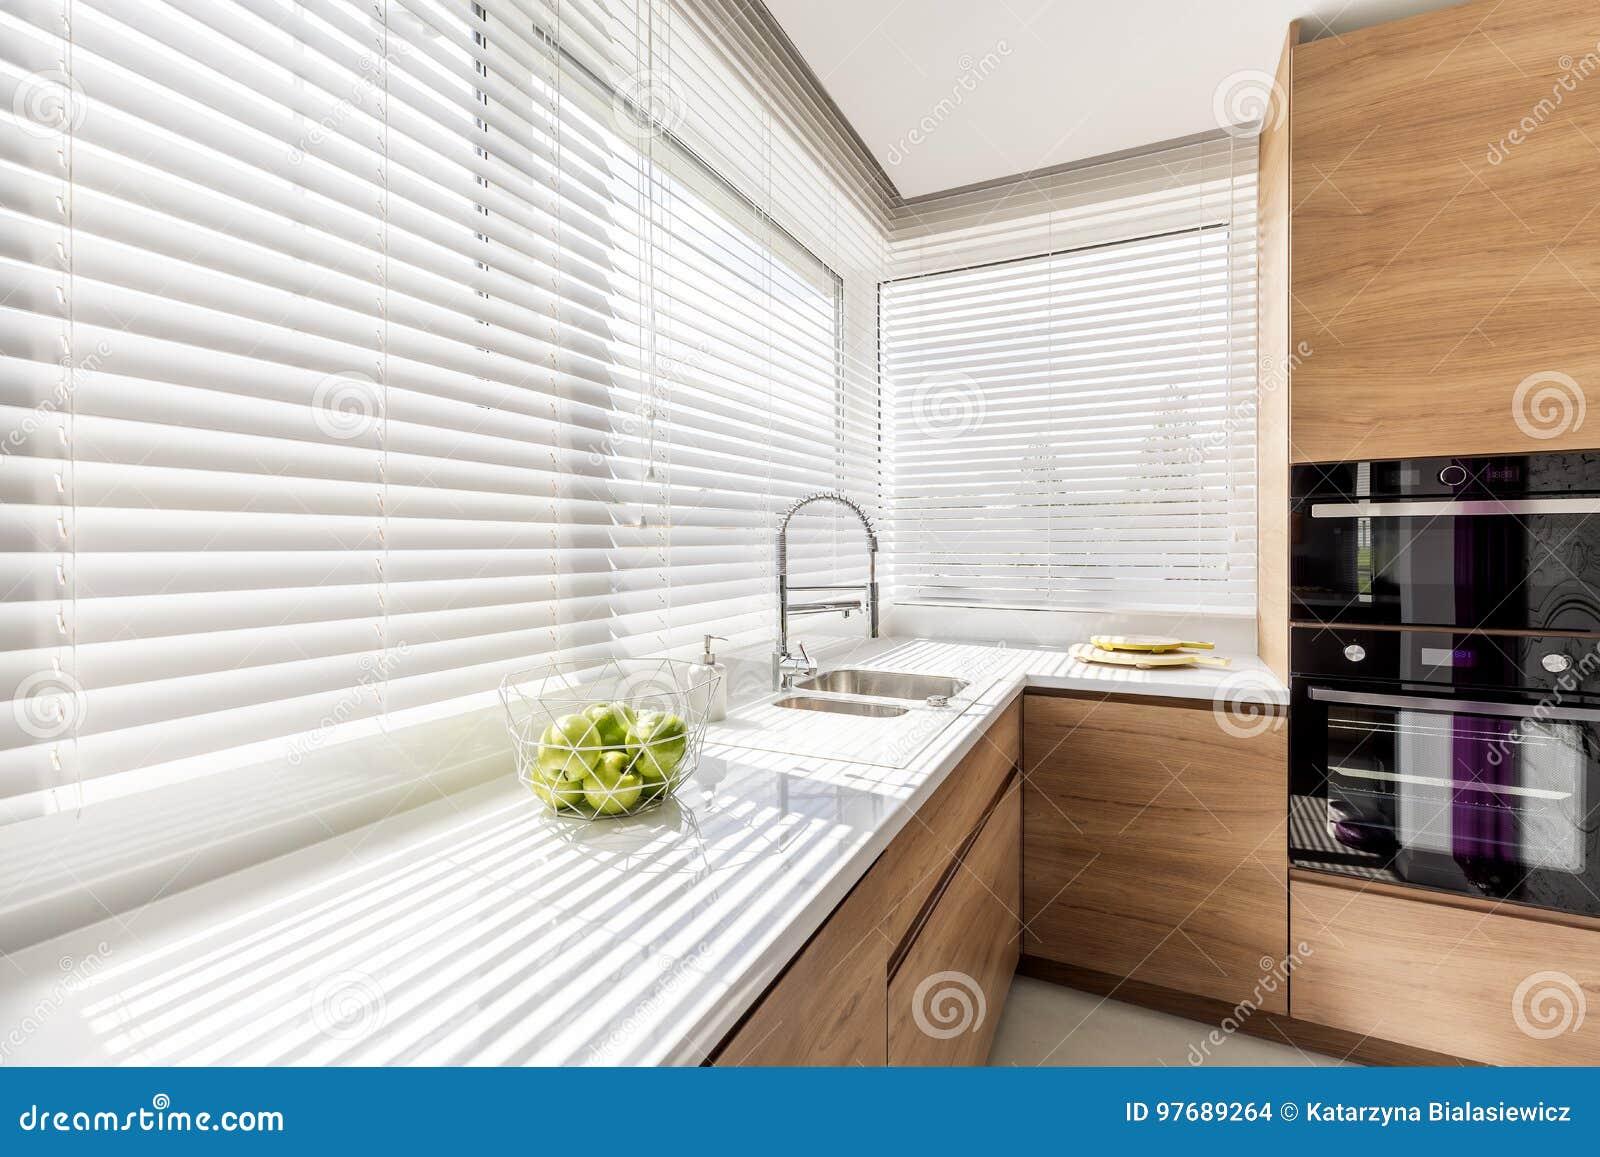 有白色窗帘的厨房